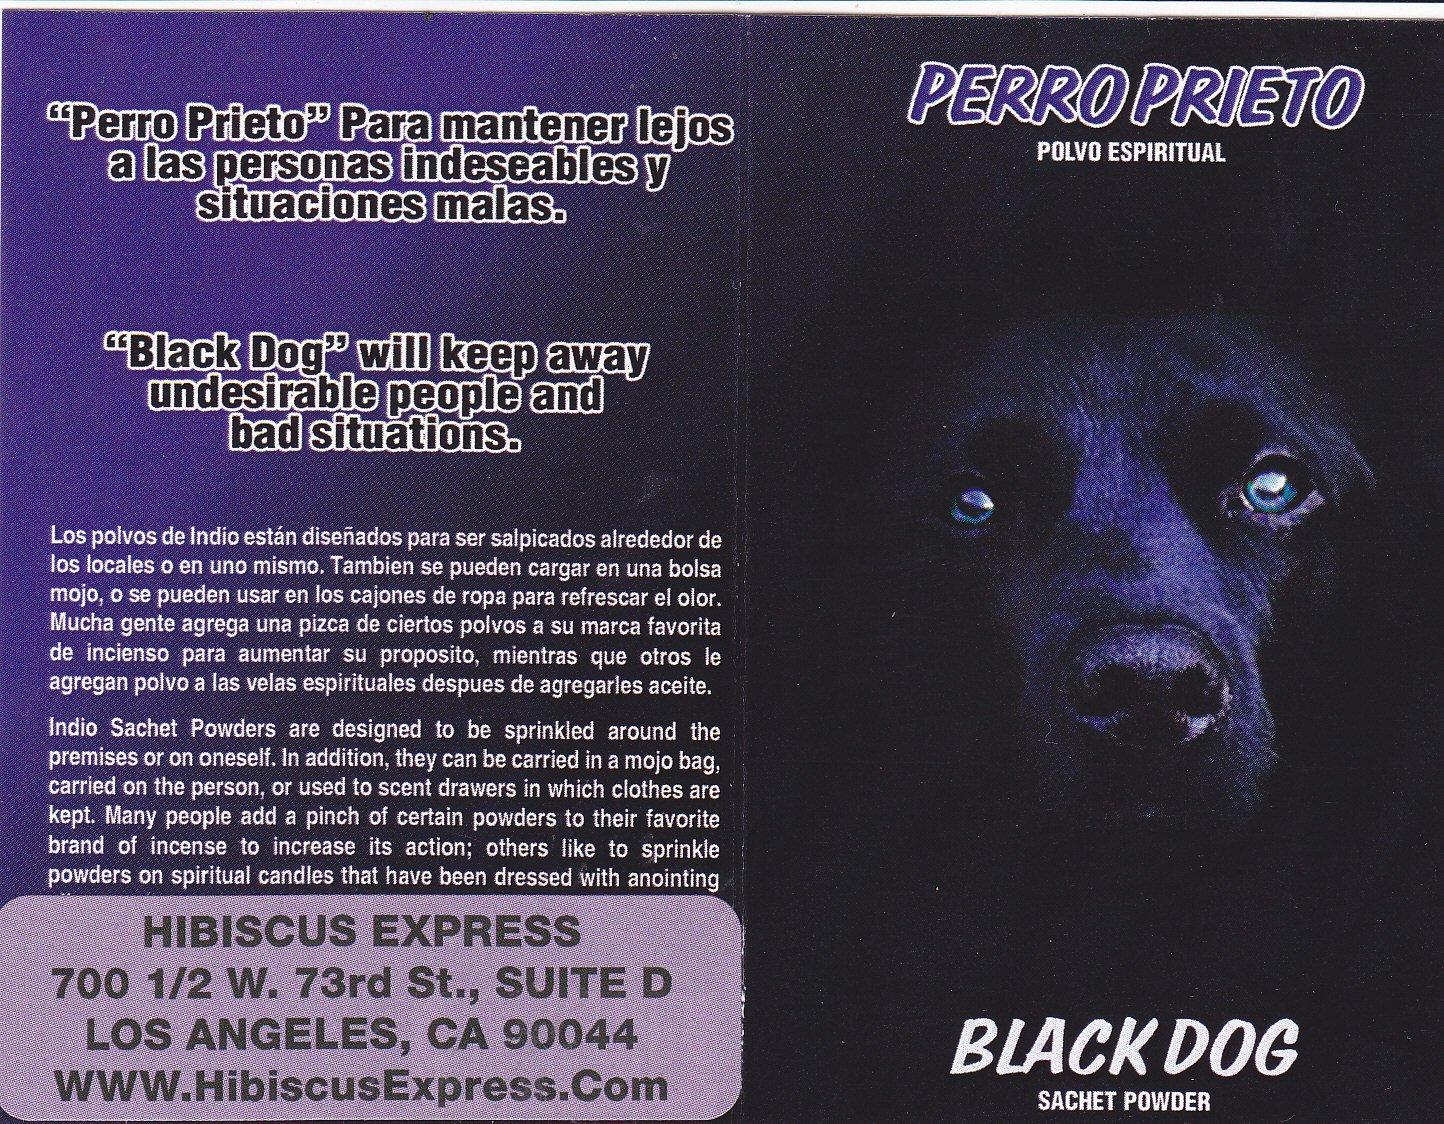 Amazon.com: POLVO PERRO PRIETO - Para matener lejos a las personas indeseables y situaciones malas ... 1/2 oz from HibiscusExpress: Posters & Prints